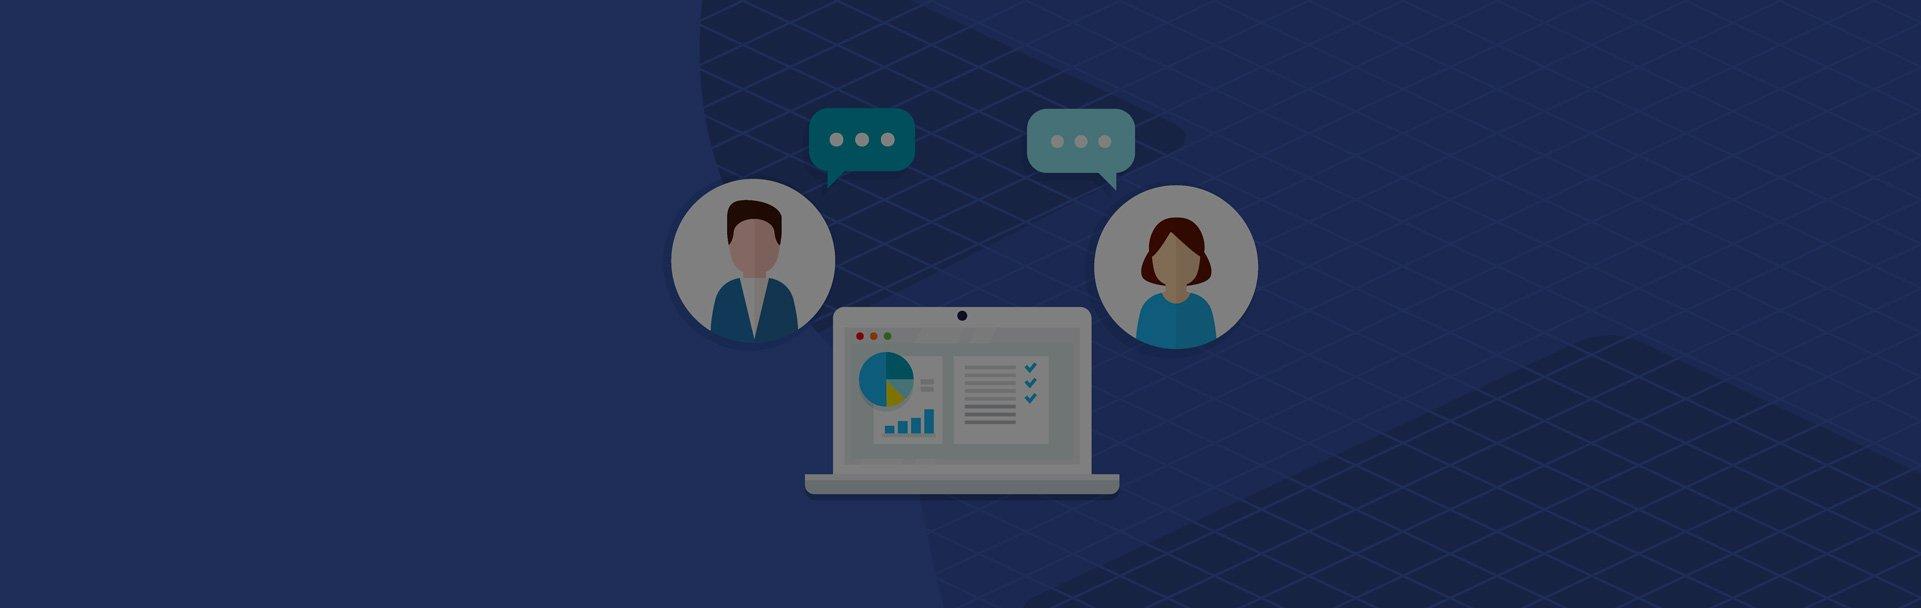 Blog-Solucionweb-Ayudando-a-nuestro-equipo-Como-organizar-a-mi-equipo-de-ventas-con-el-CRM